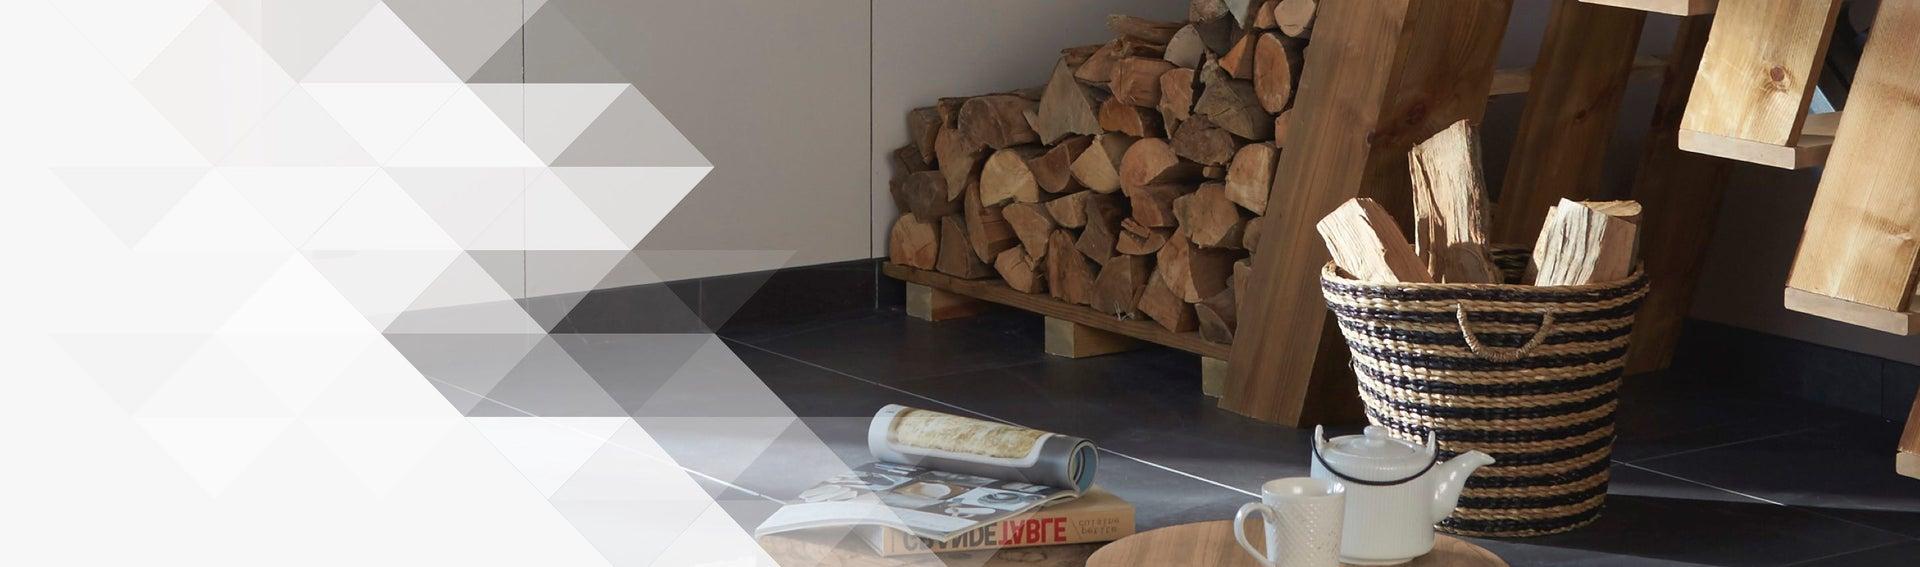 poêle à bois, poêle à granulés, cheminée et bois de chauffage